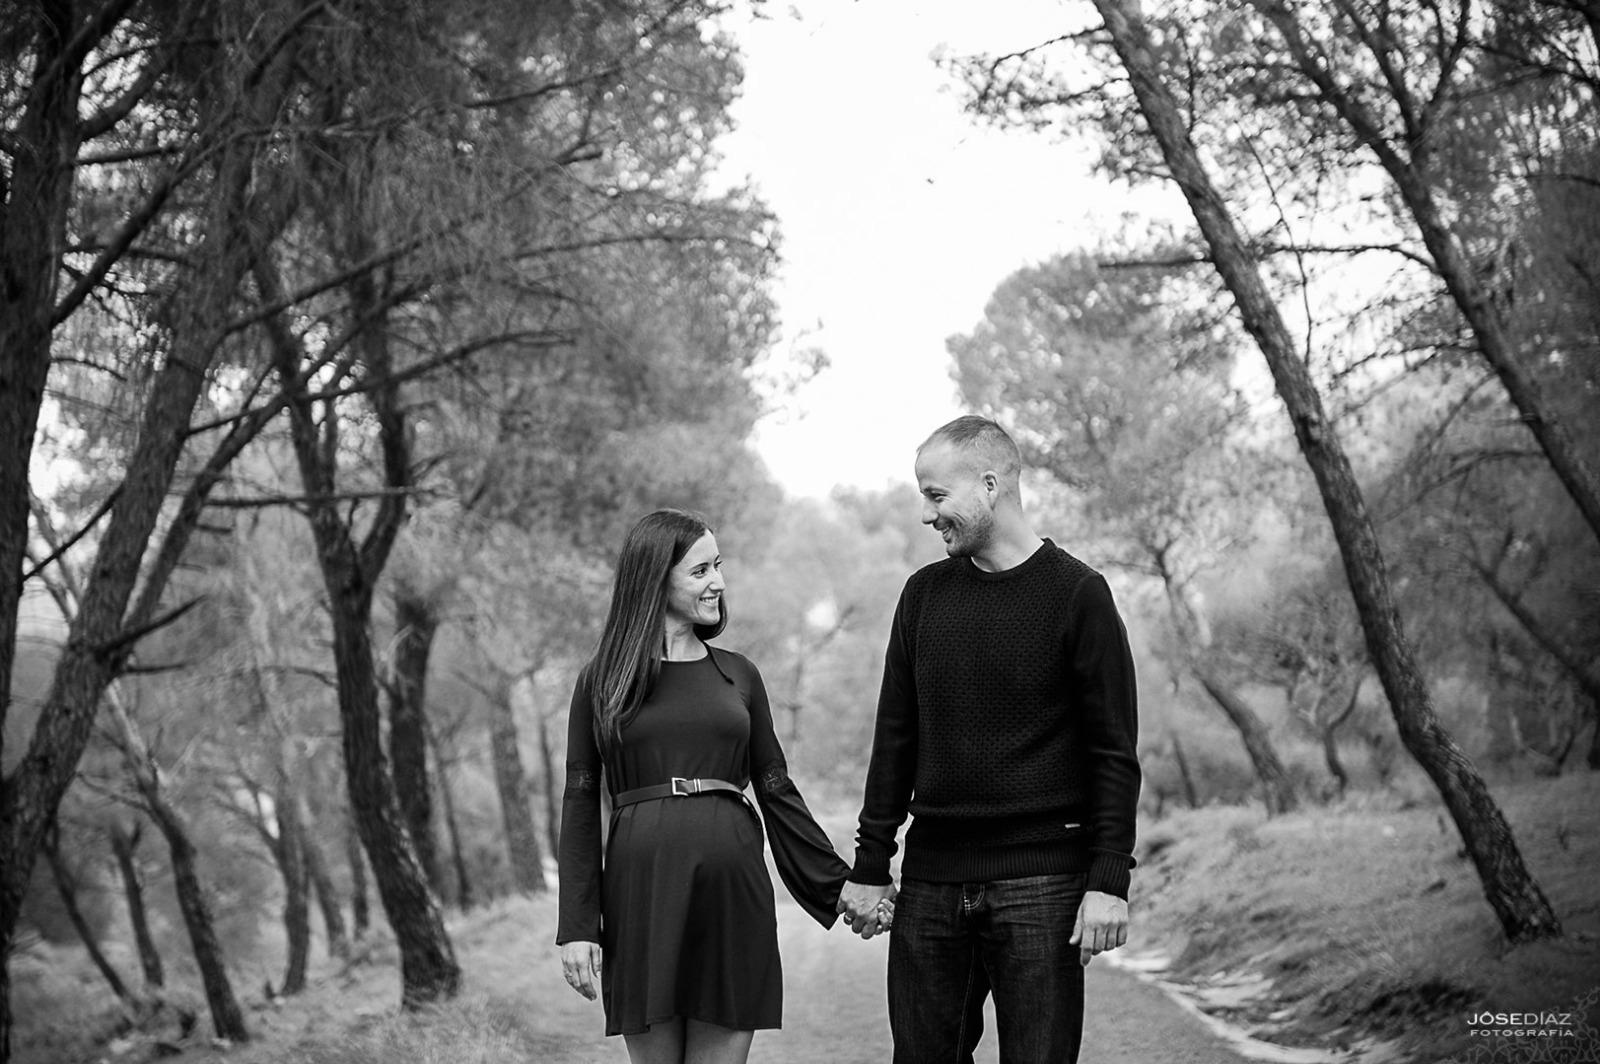 fotografía de parejas, enamorados, embarazo, fotografía premamá, campo, bosque